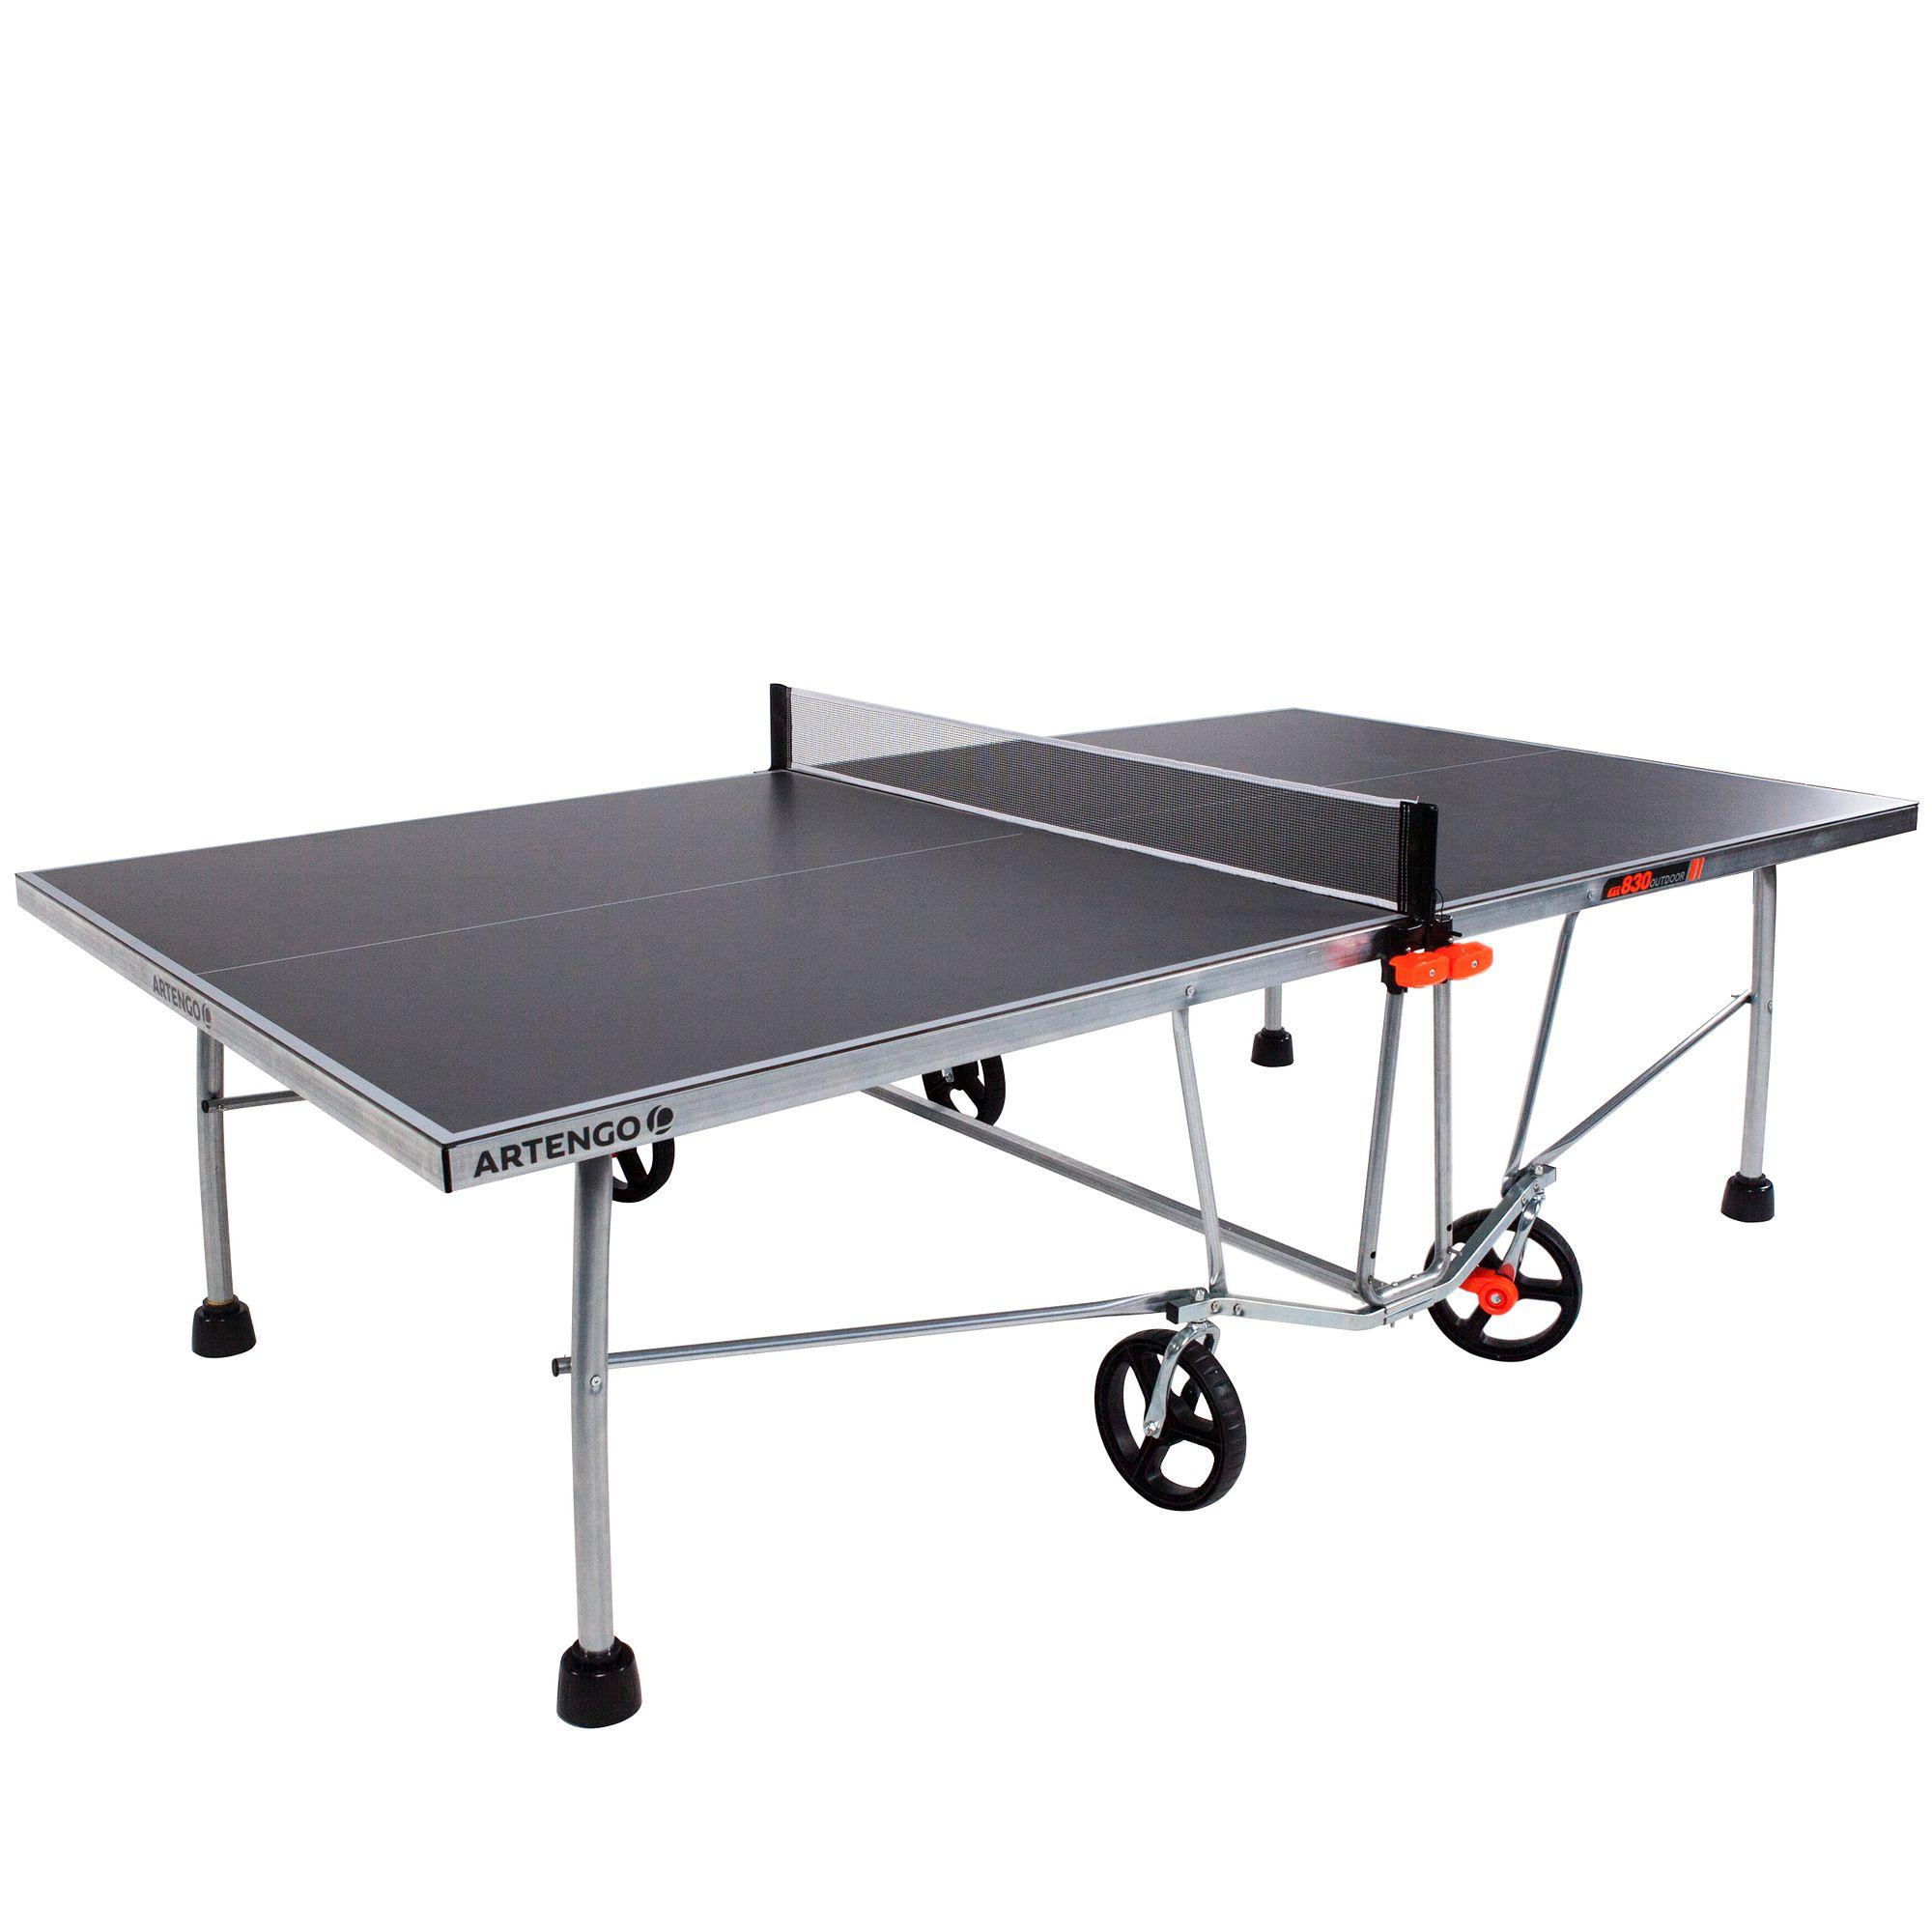 TABLE DE PING PONG  ARTENGO FT 830 Outddor